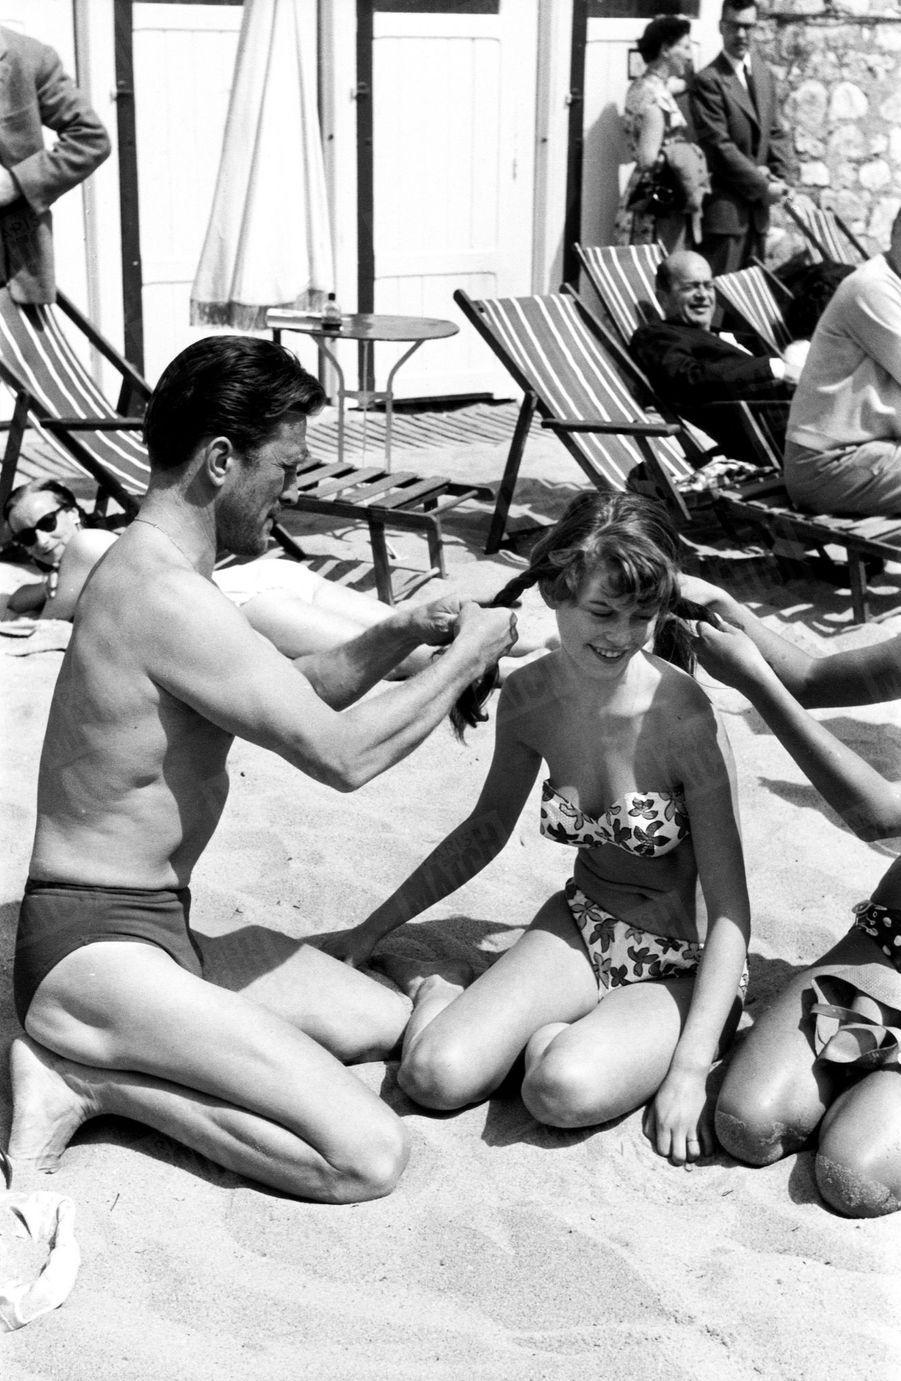 « Avec Brigitte Bardot, Kirk Douglas retrouve sa partenaire de 'Quelque part en Europe', film d'Anatole Litvak. » - Paris Match n°215, 25 avril 1953